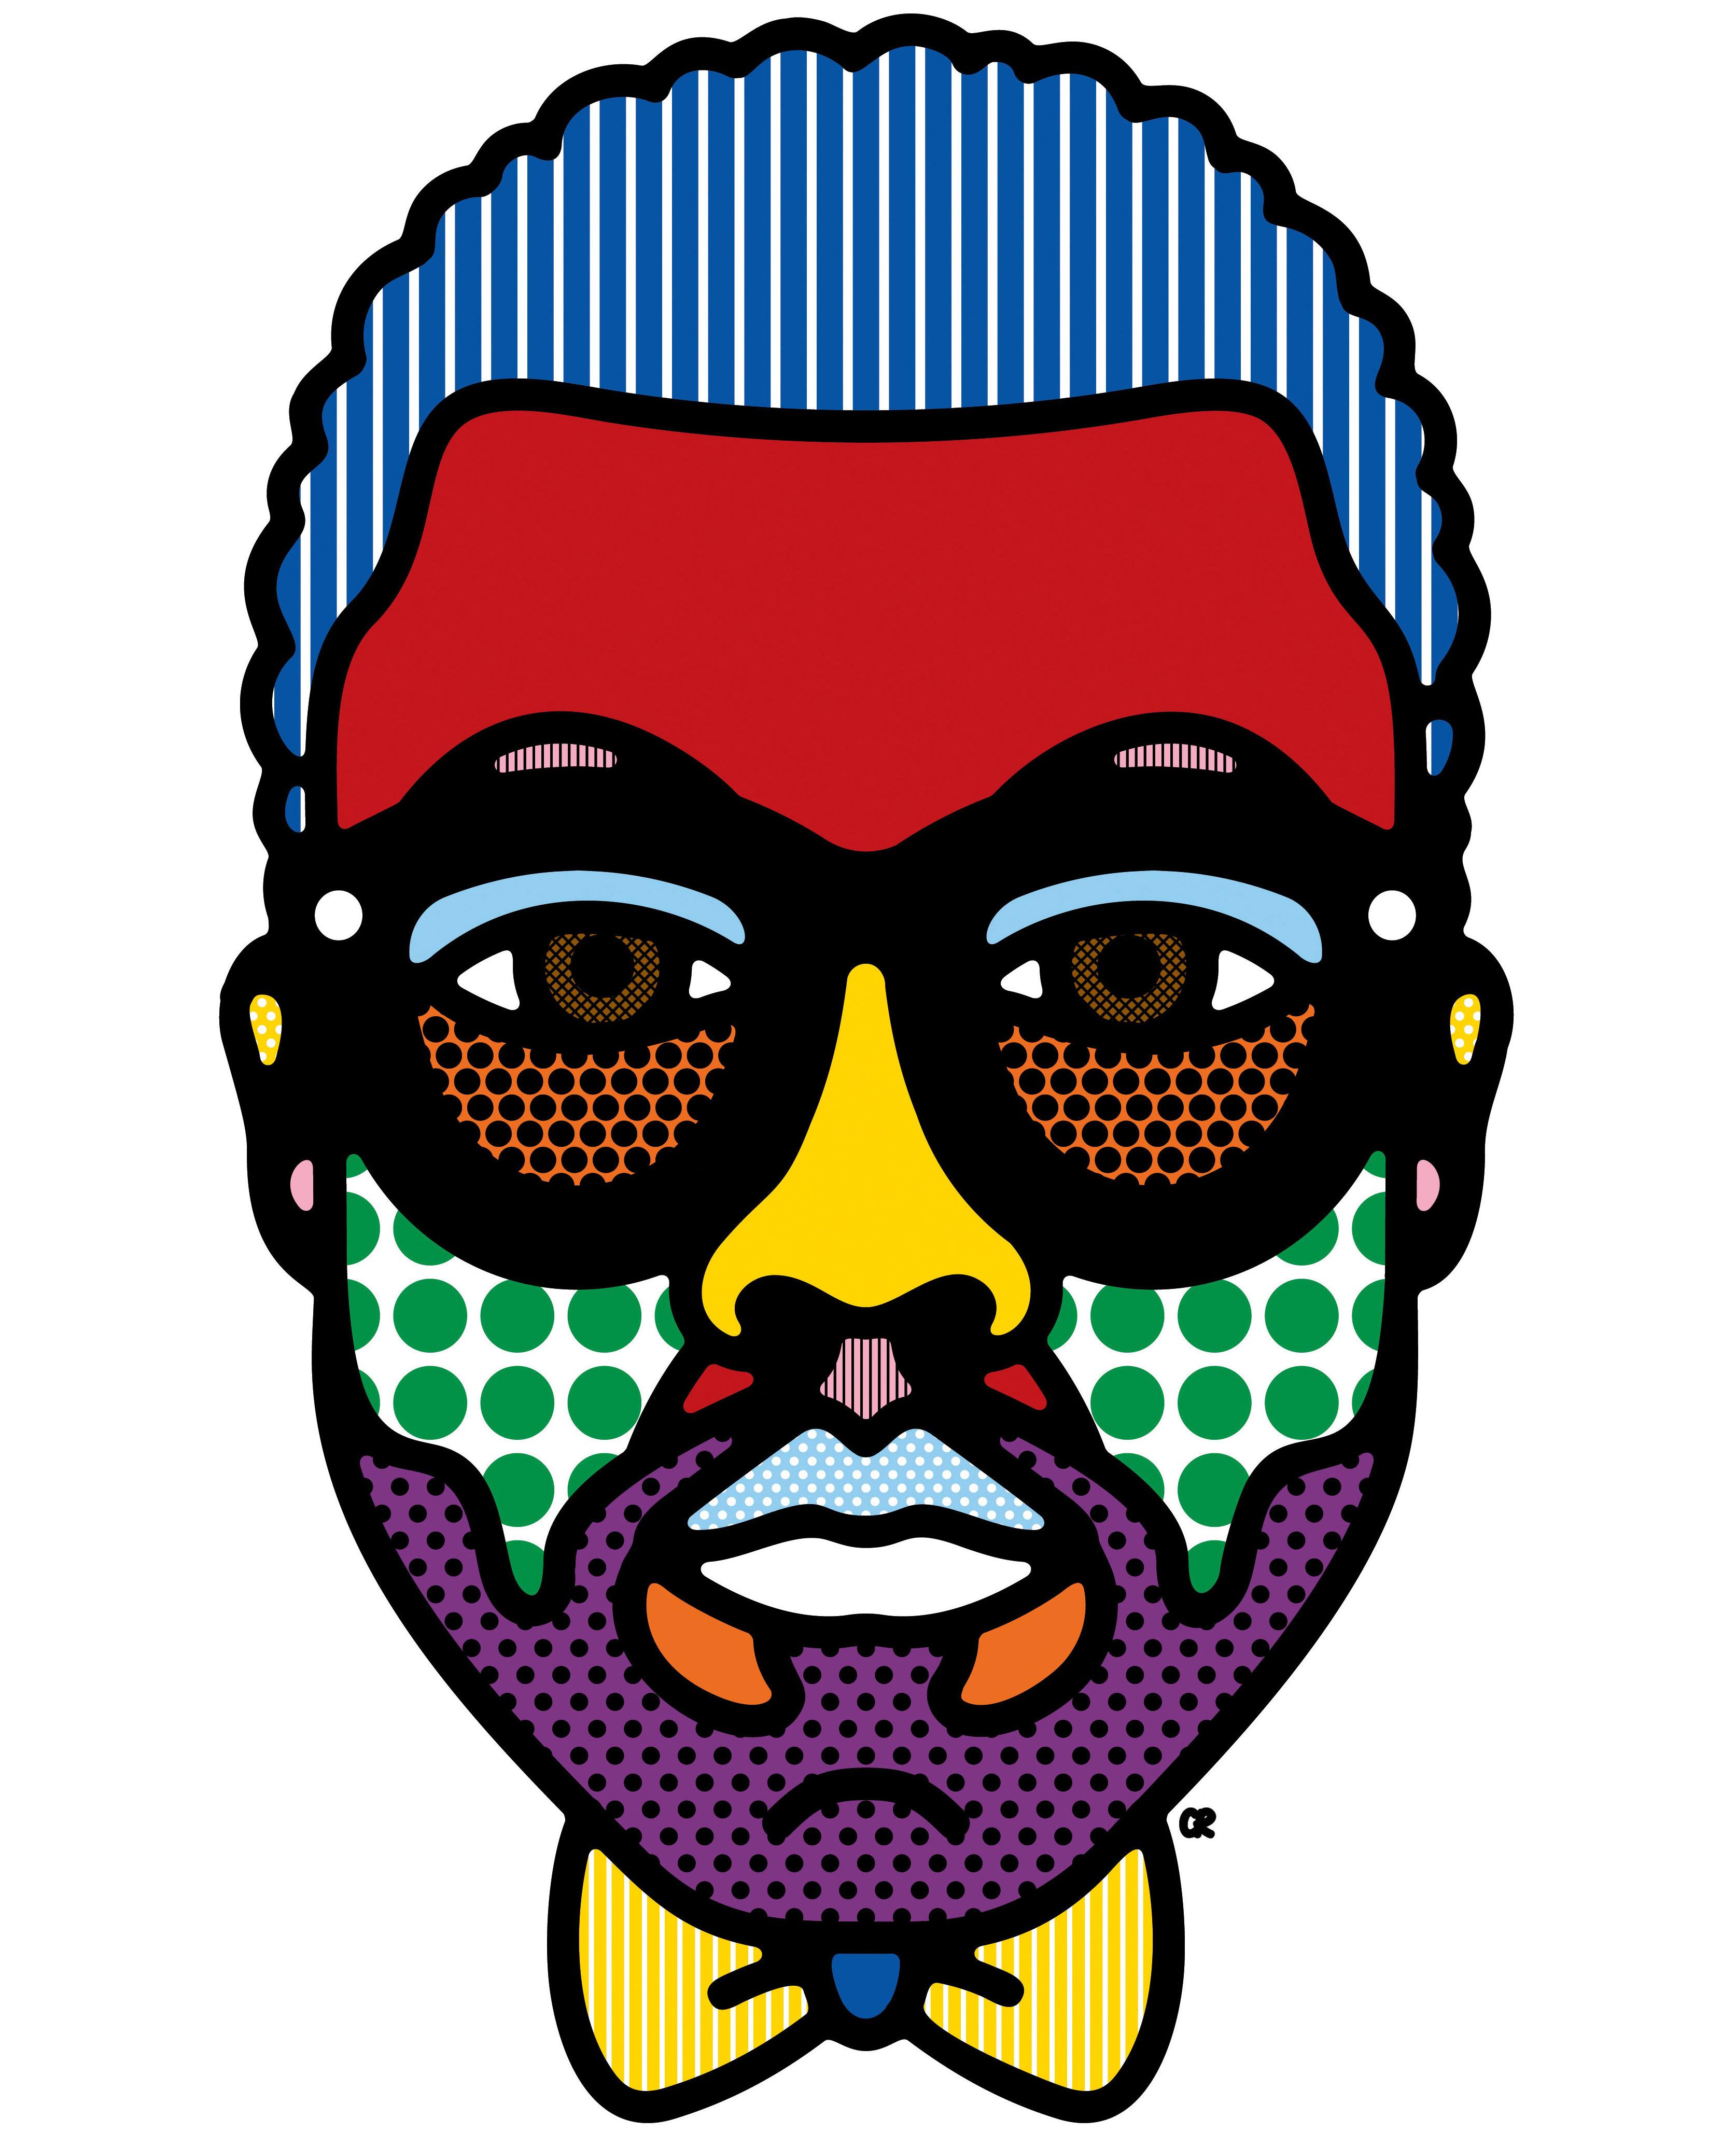 Craig & Karl's portrait of Kanye West